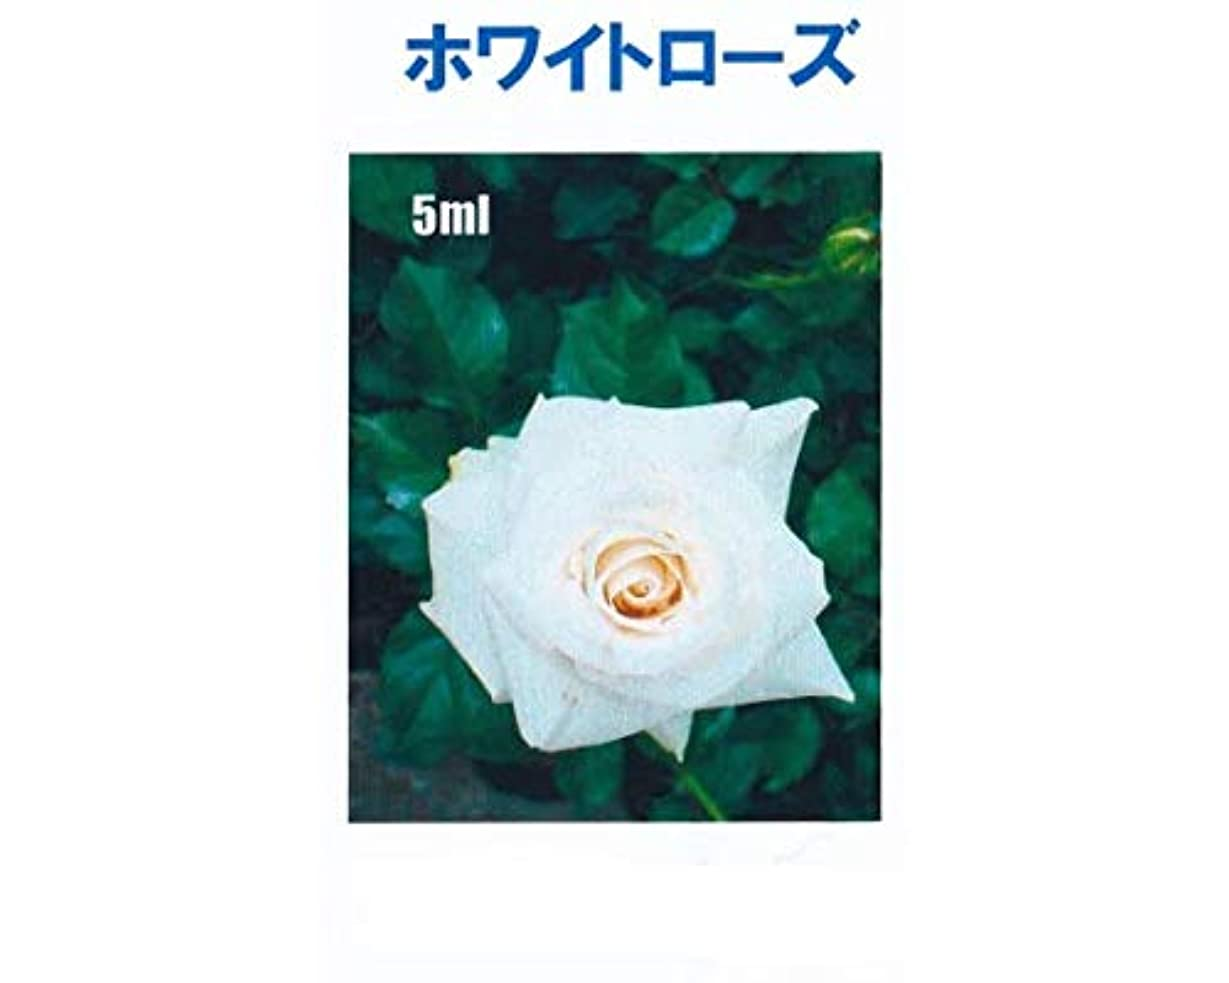 レバー明示的に権限を与えるアロマオイル ホワイトローズ 5ml エッセンシャルオイル 100%天然成分